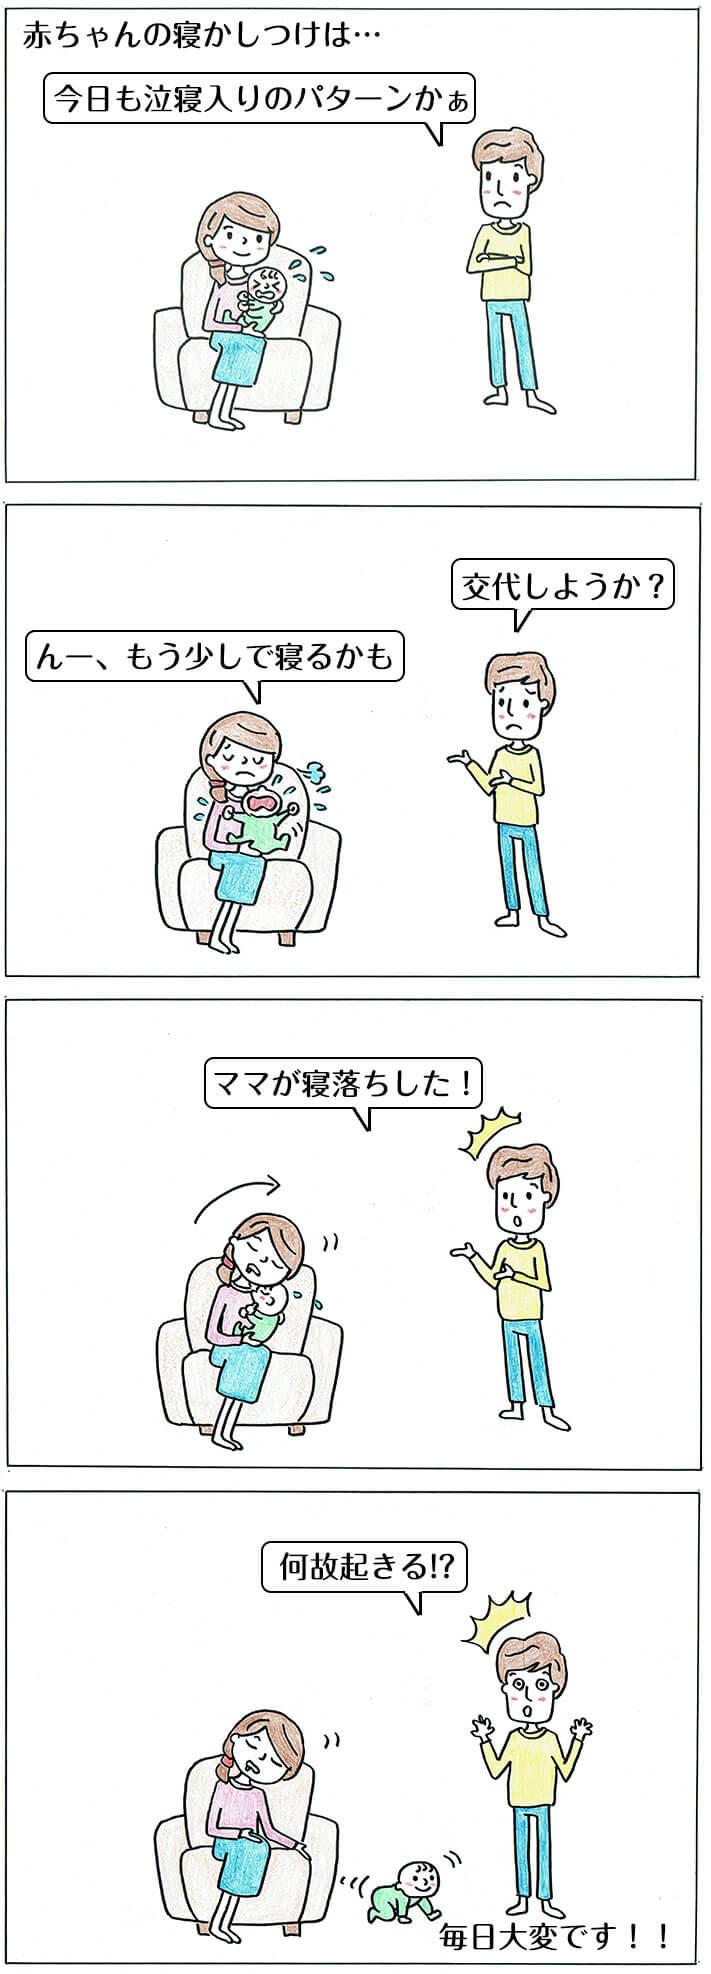 赤ちゃんの泣き寝入りの子育て4コマ漫画